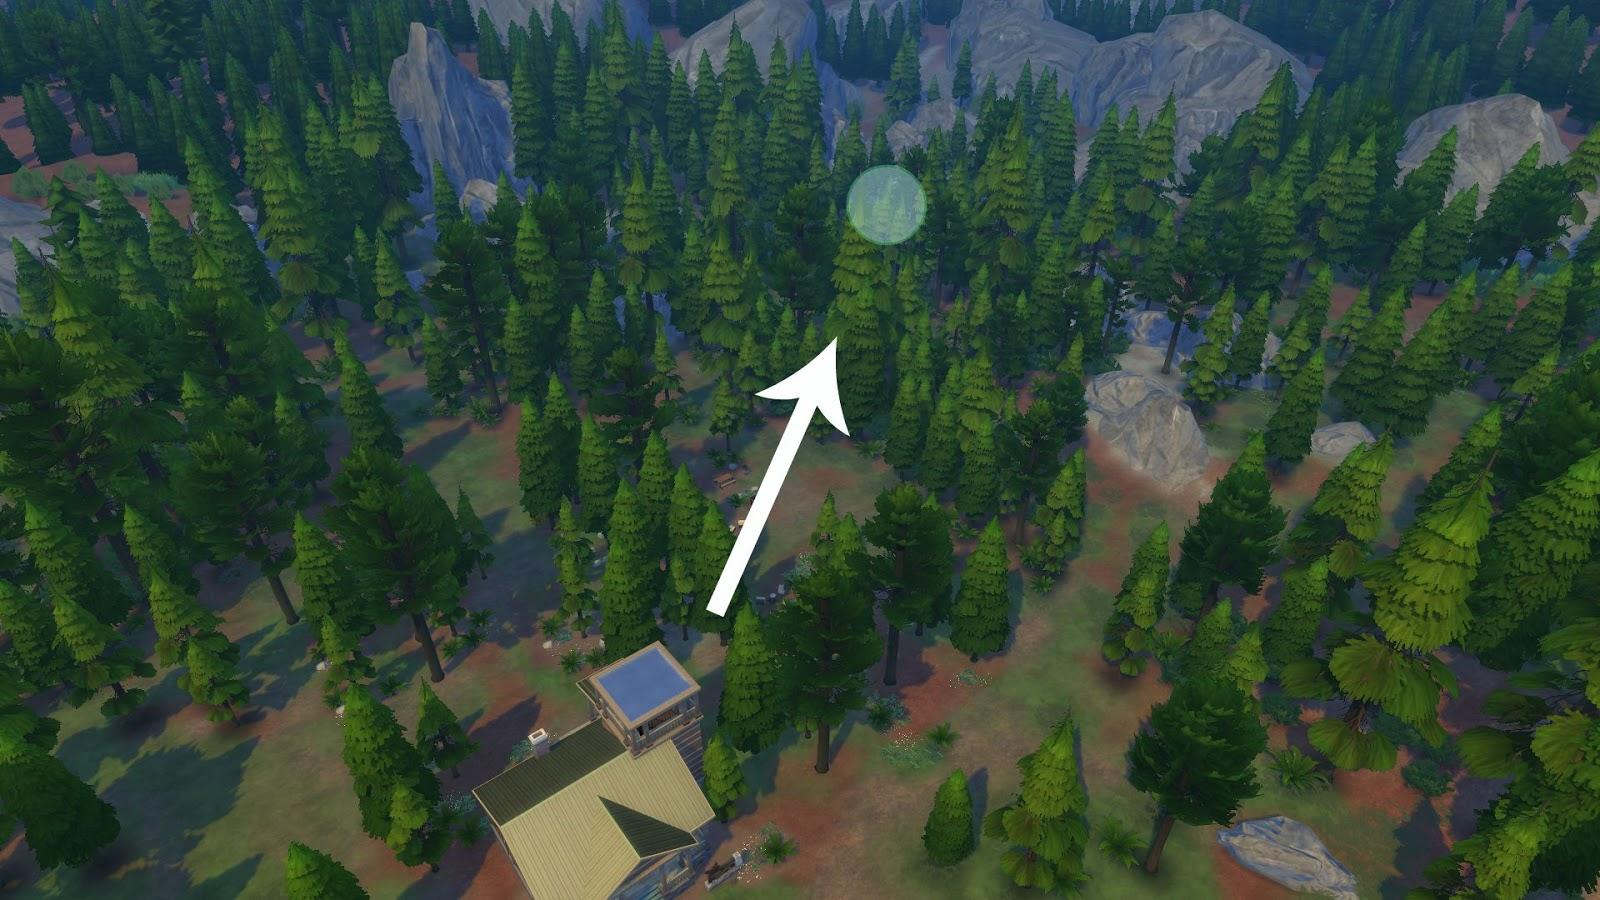 ปลดล็อคสถานที่ลับ The Sims 4 The Sims 4 Outdoor Retreat